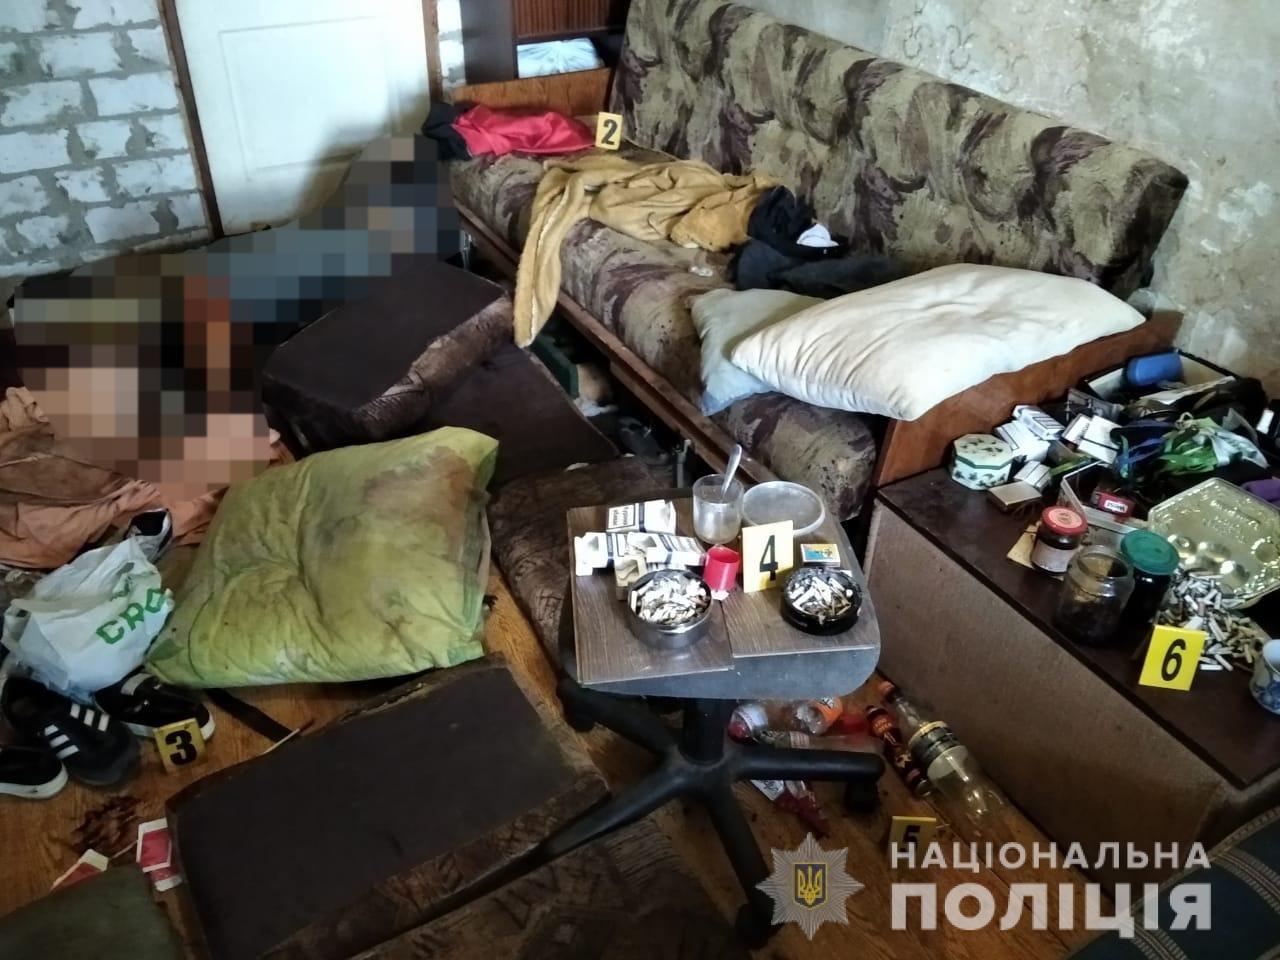 В Харькове пьяная женщина зарезала любовника и больше недели жила с его трупом в квартире, - ФОТО, фото-1